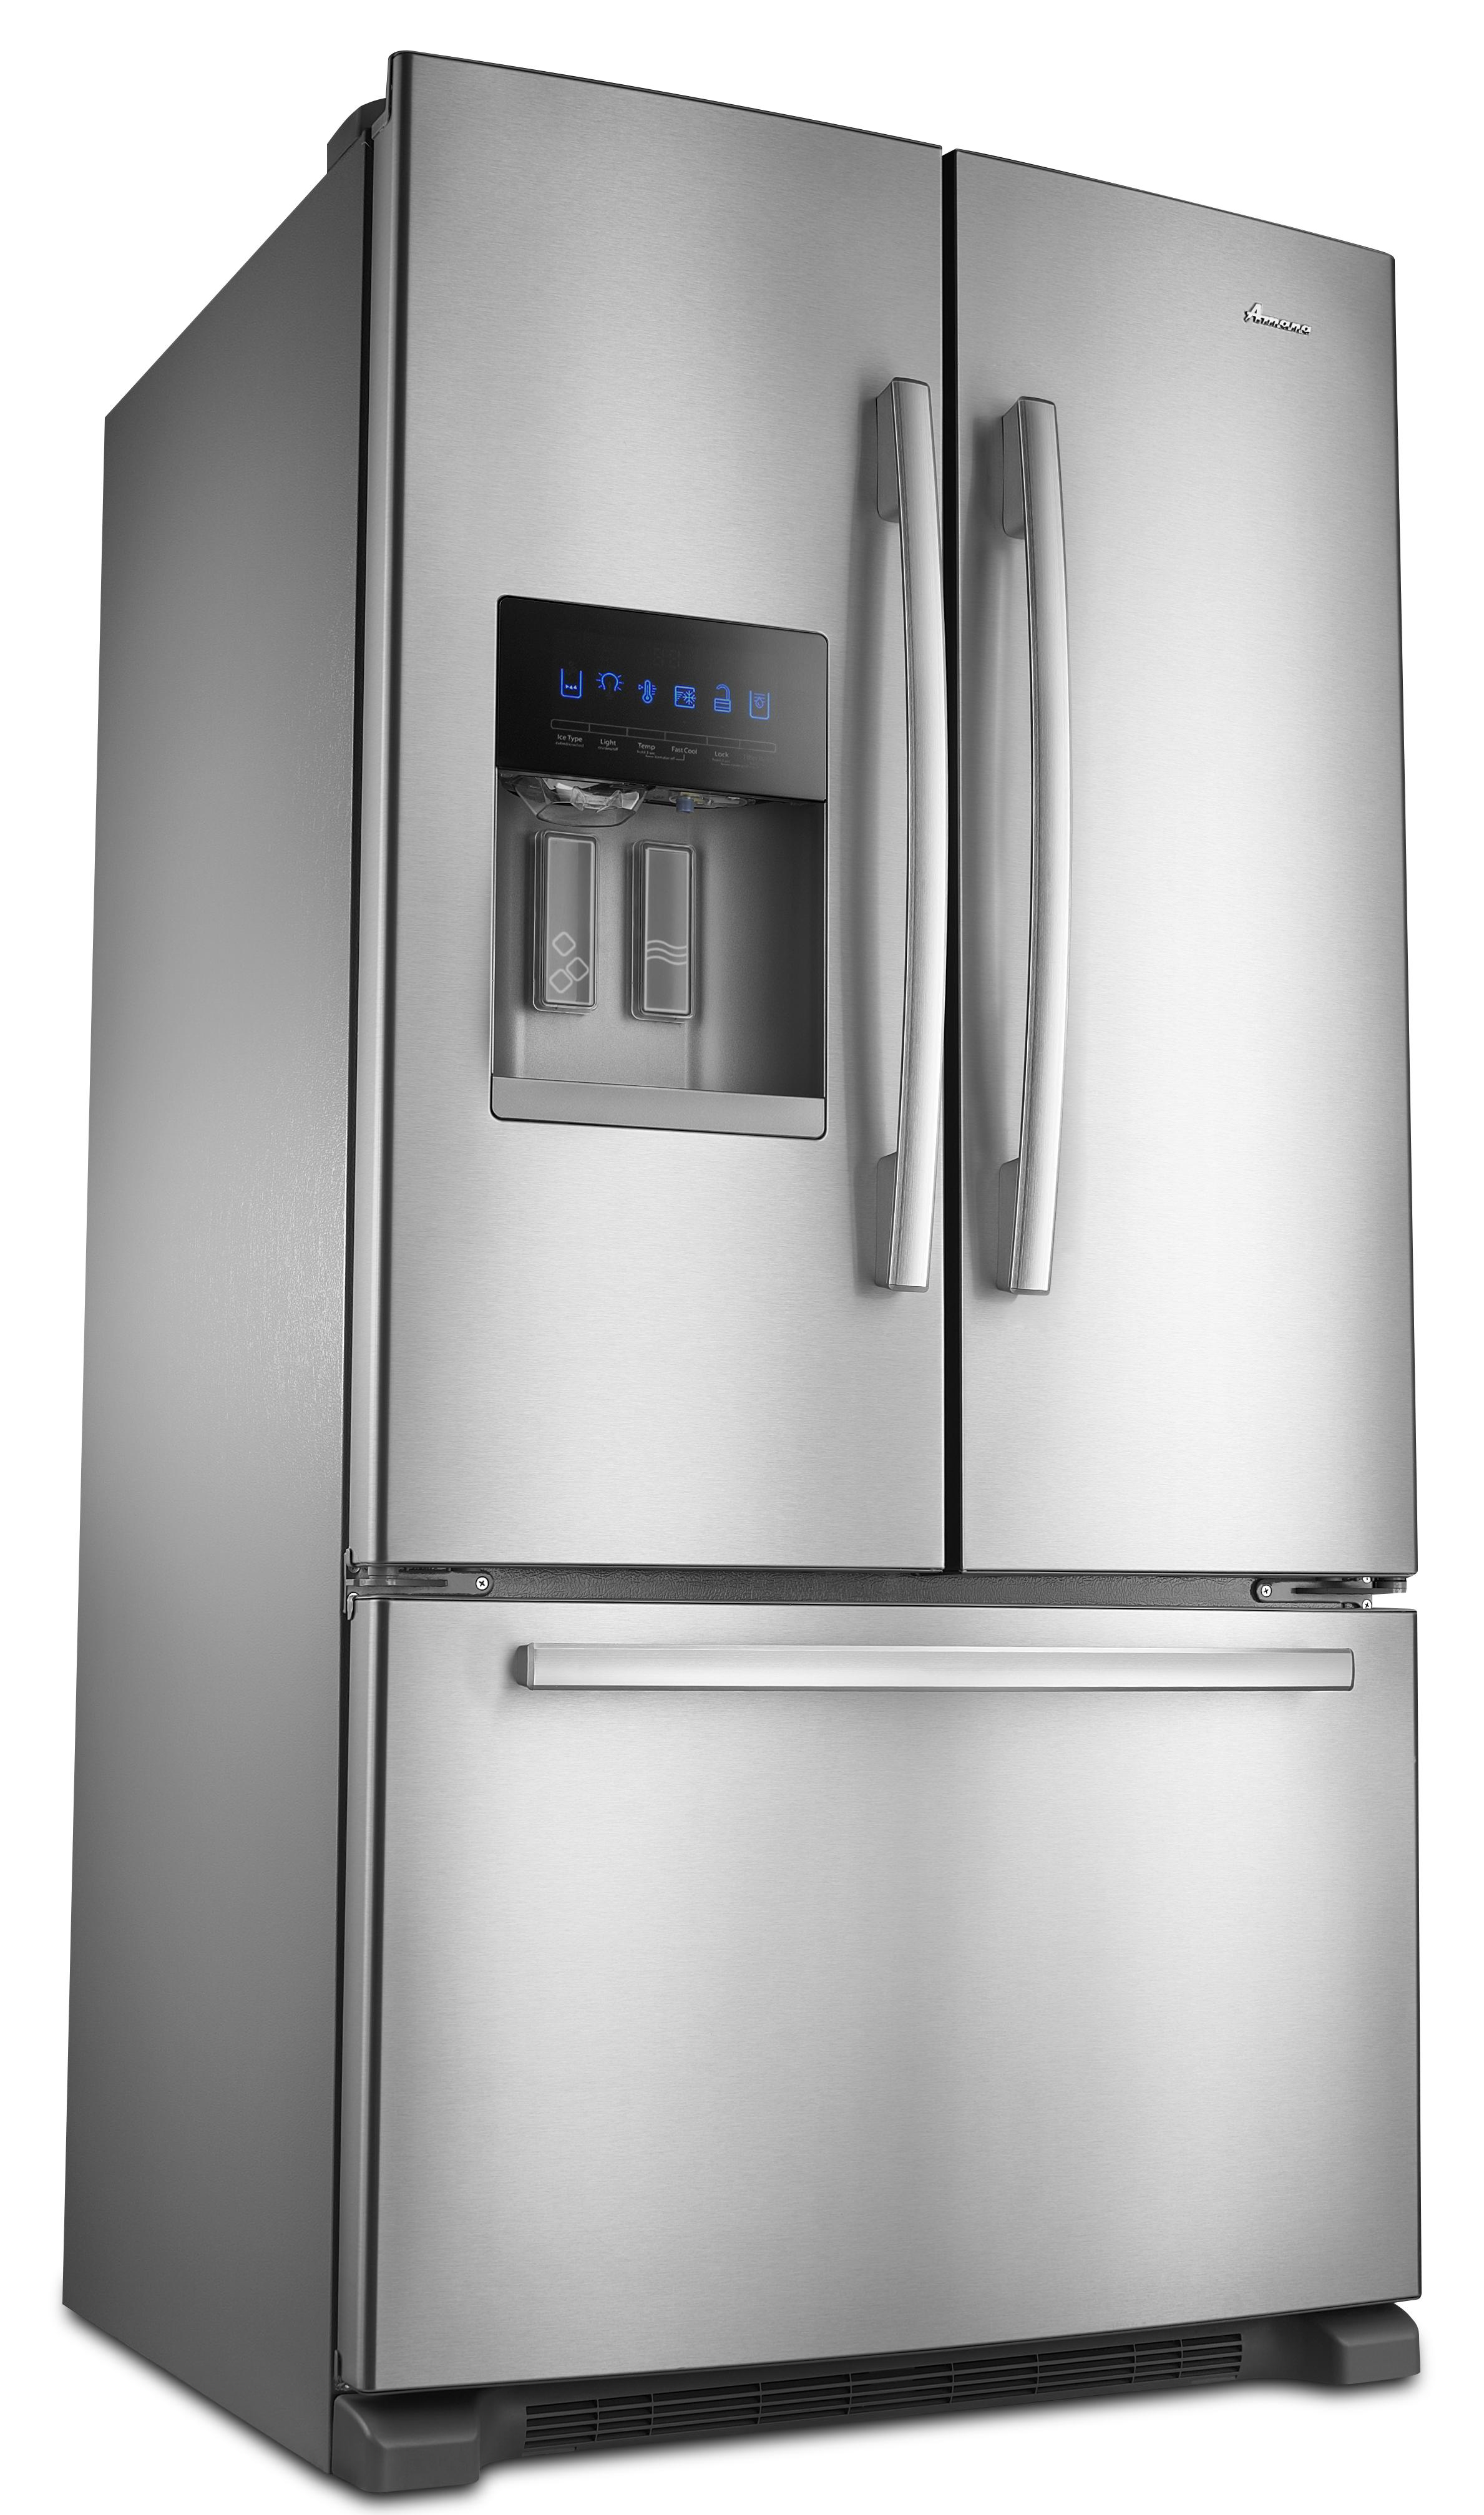 Ft. French Door Bottom Freezer Refrigerator AFI2539ER